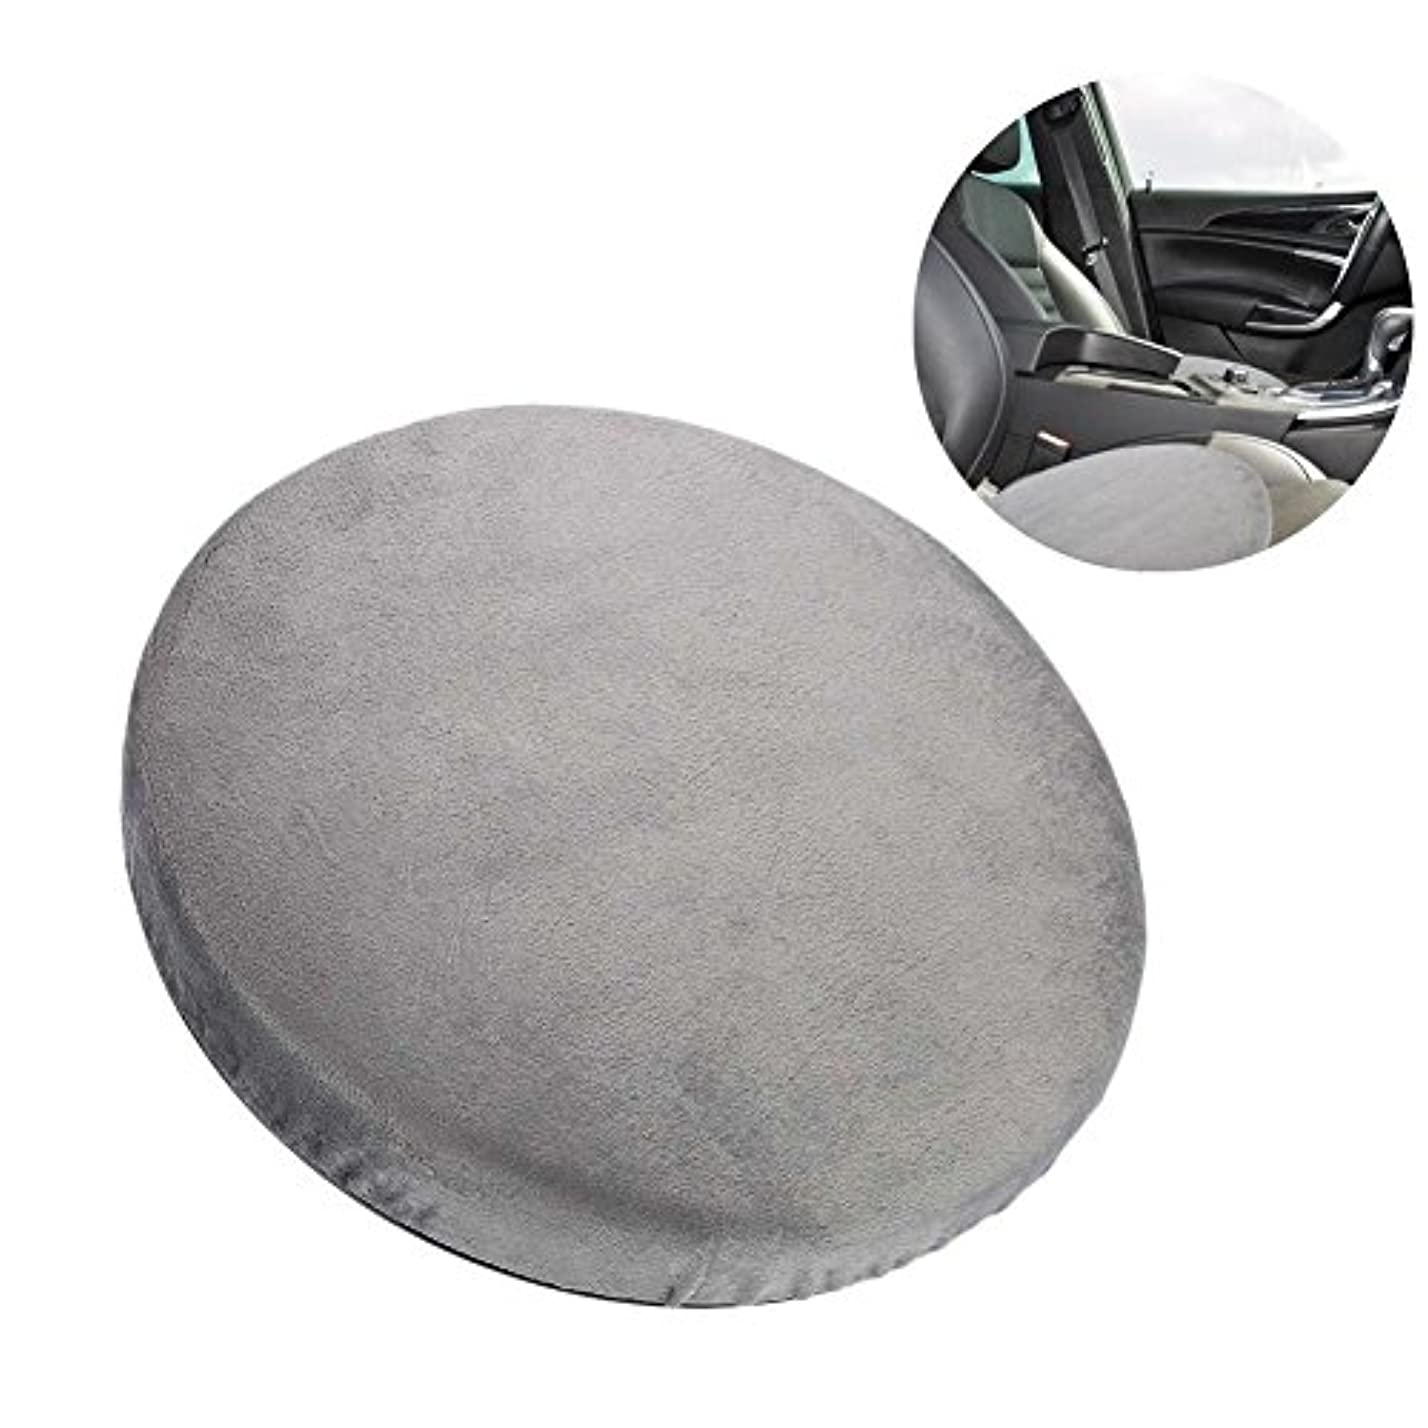 分析的な電信イソギンチャクの座席クッション、360°回転クッション車のオフィスおよび家の使用のための滑り止めの回転イスのパッドは腰痛および圧力を取り除く